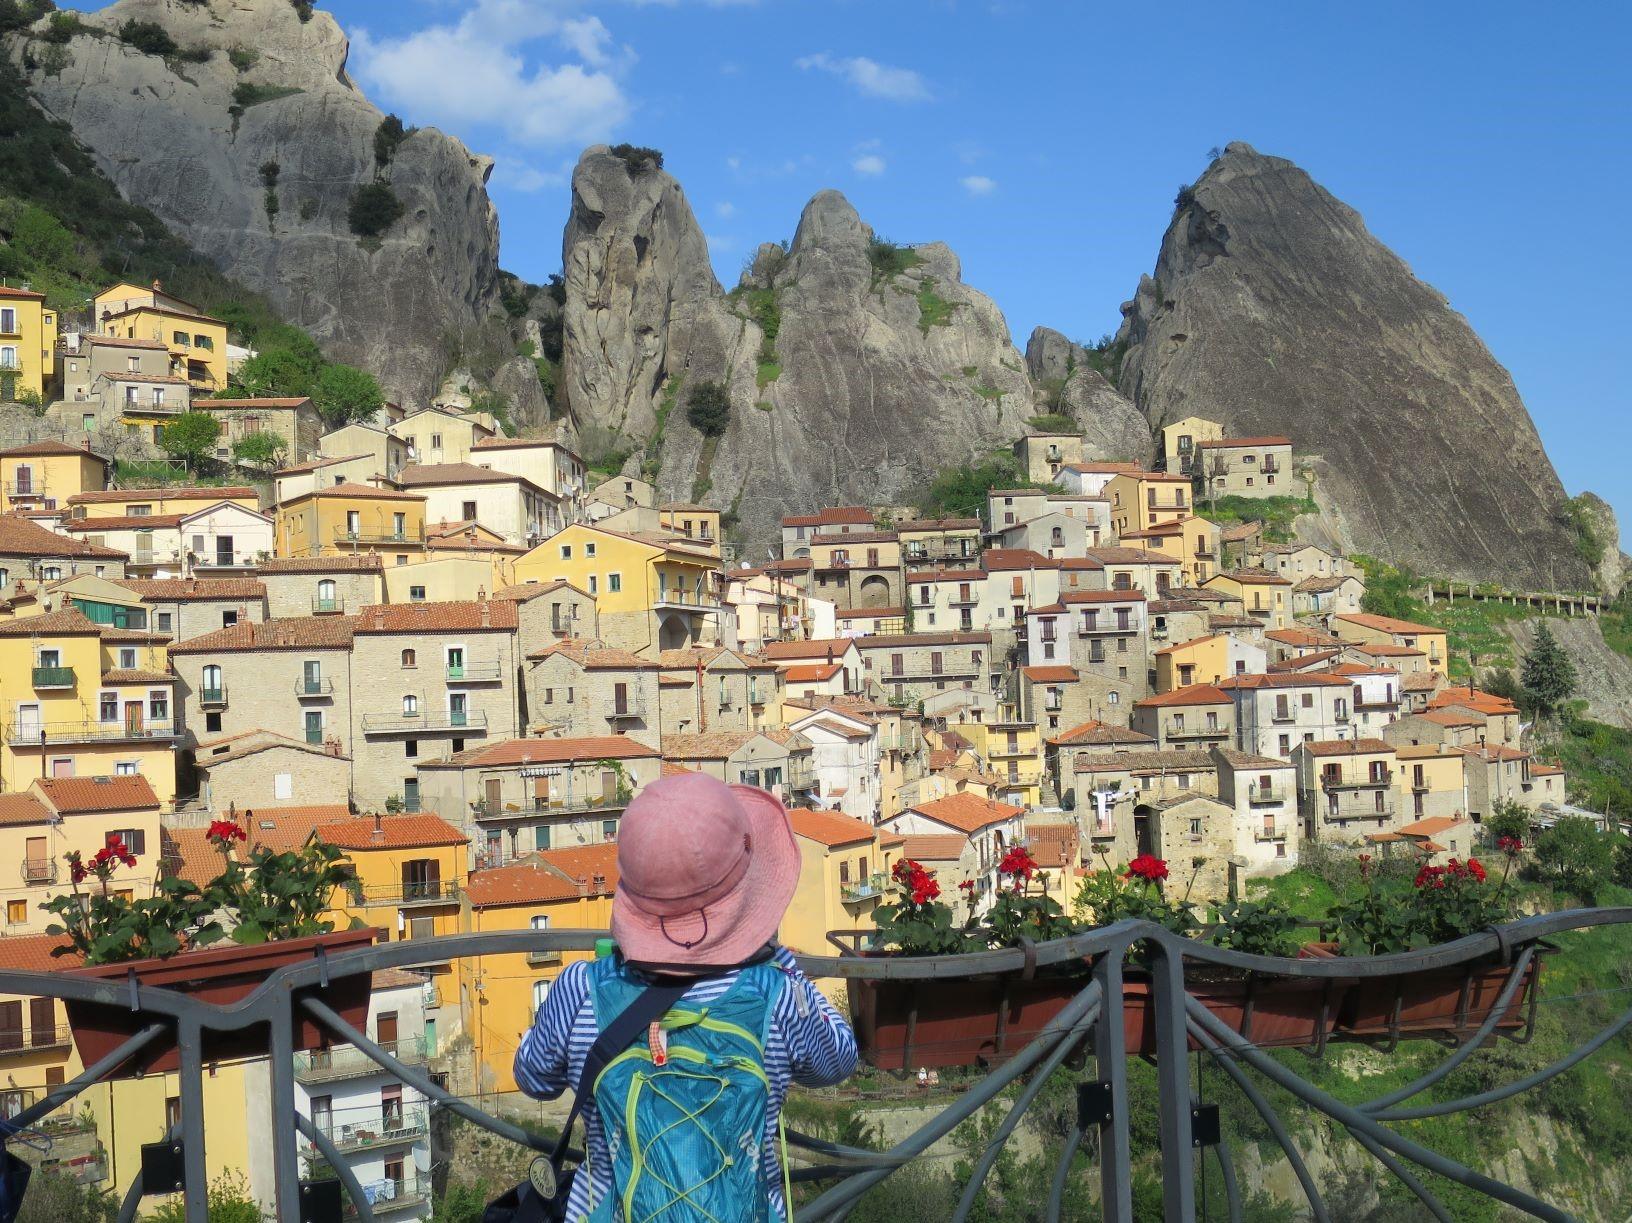 「イタリアの最も美しい村」のひとつ、カステルメッツァーノのかわいらしい村(6日目)